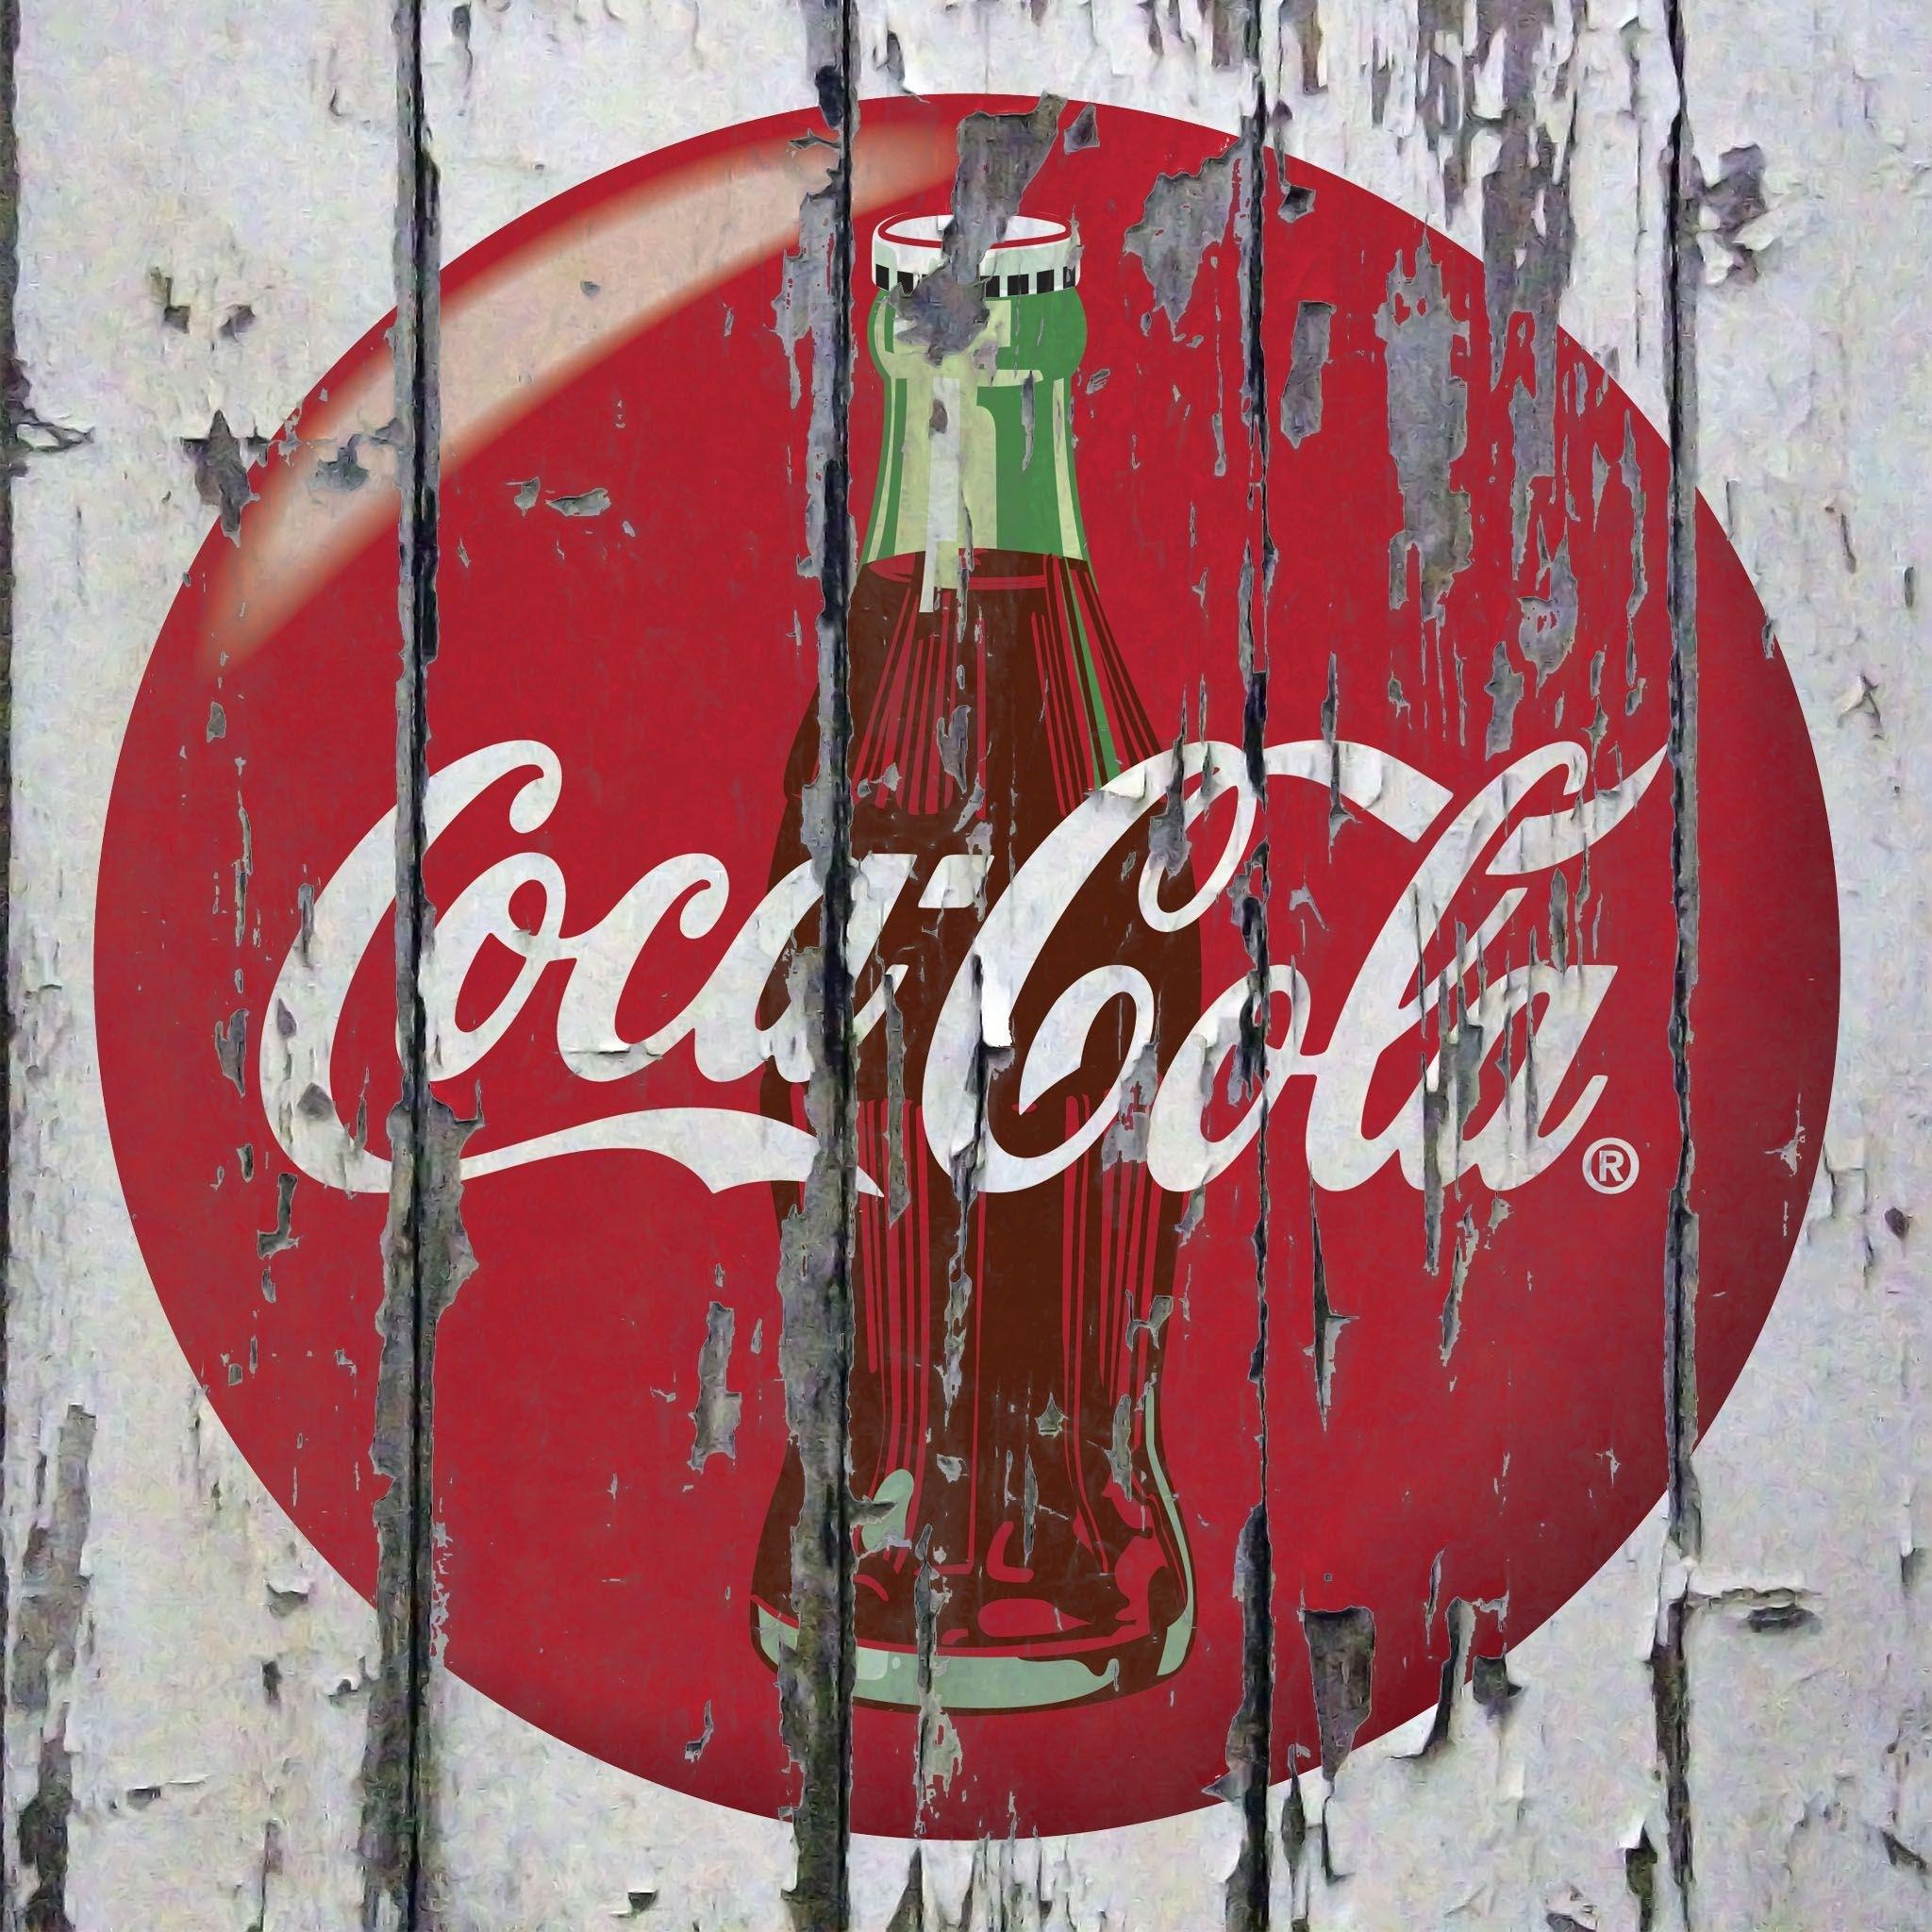 coca cola #vintage #ipad #retina #wallpaper | ipad retina wallpaper